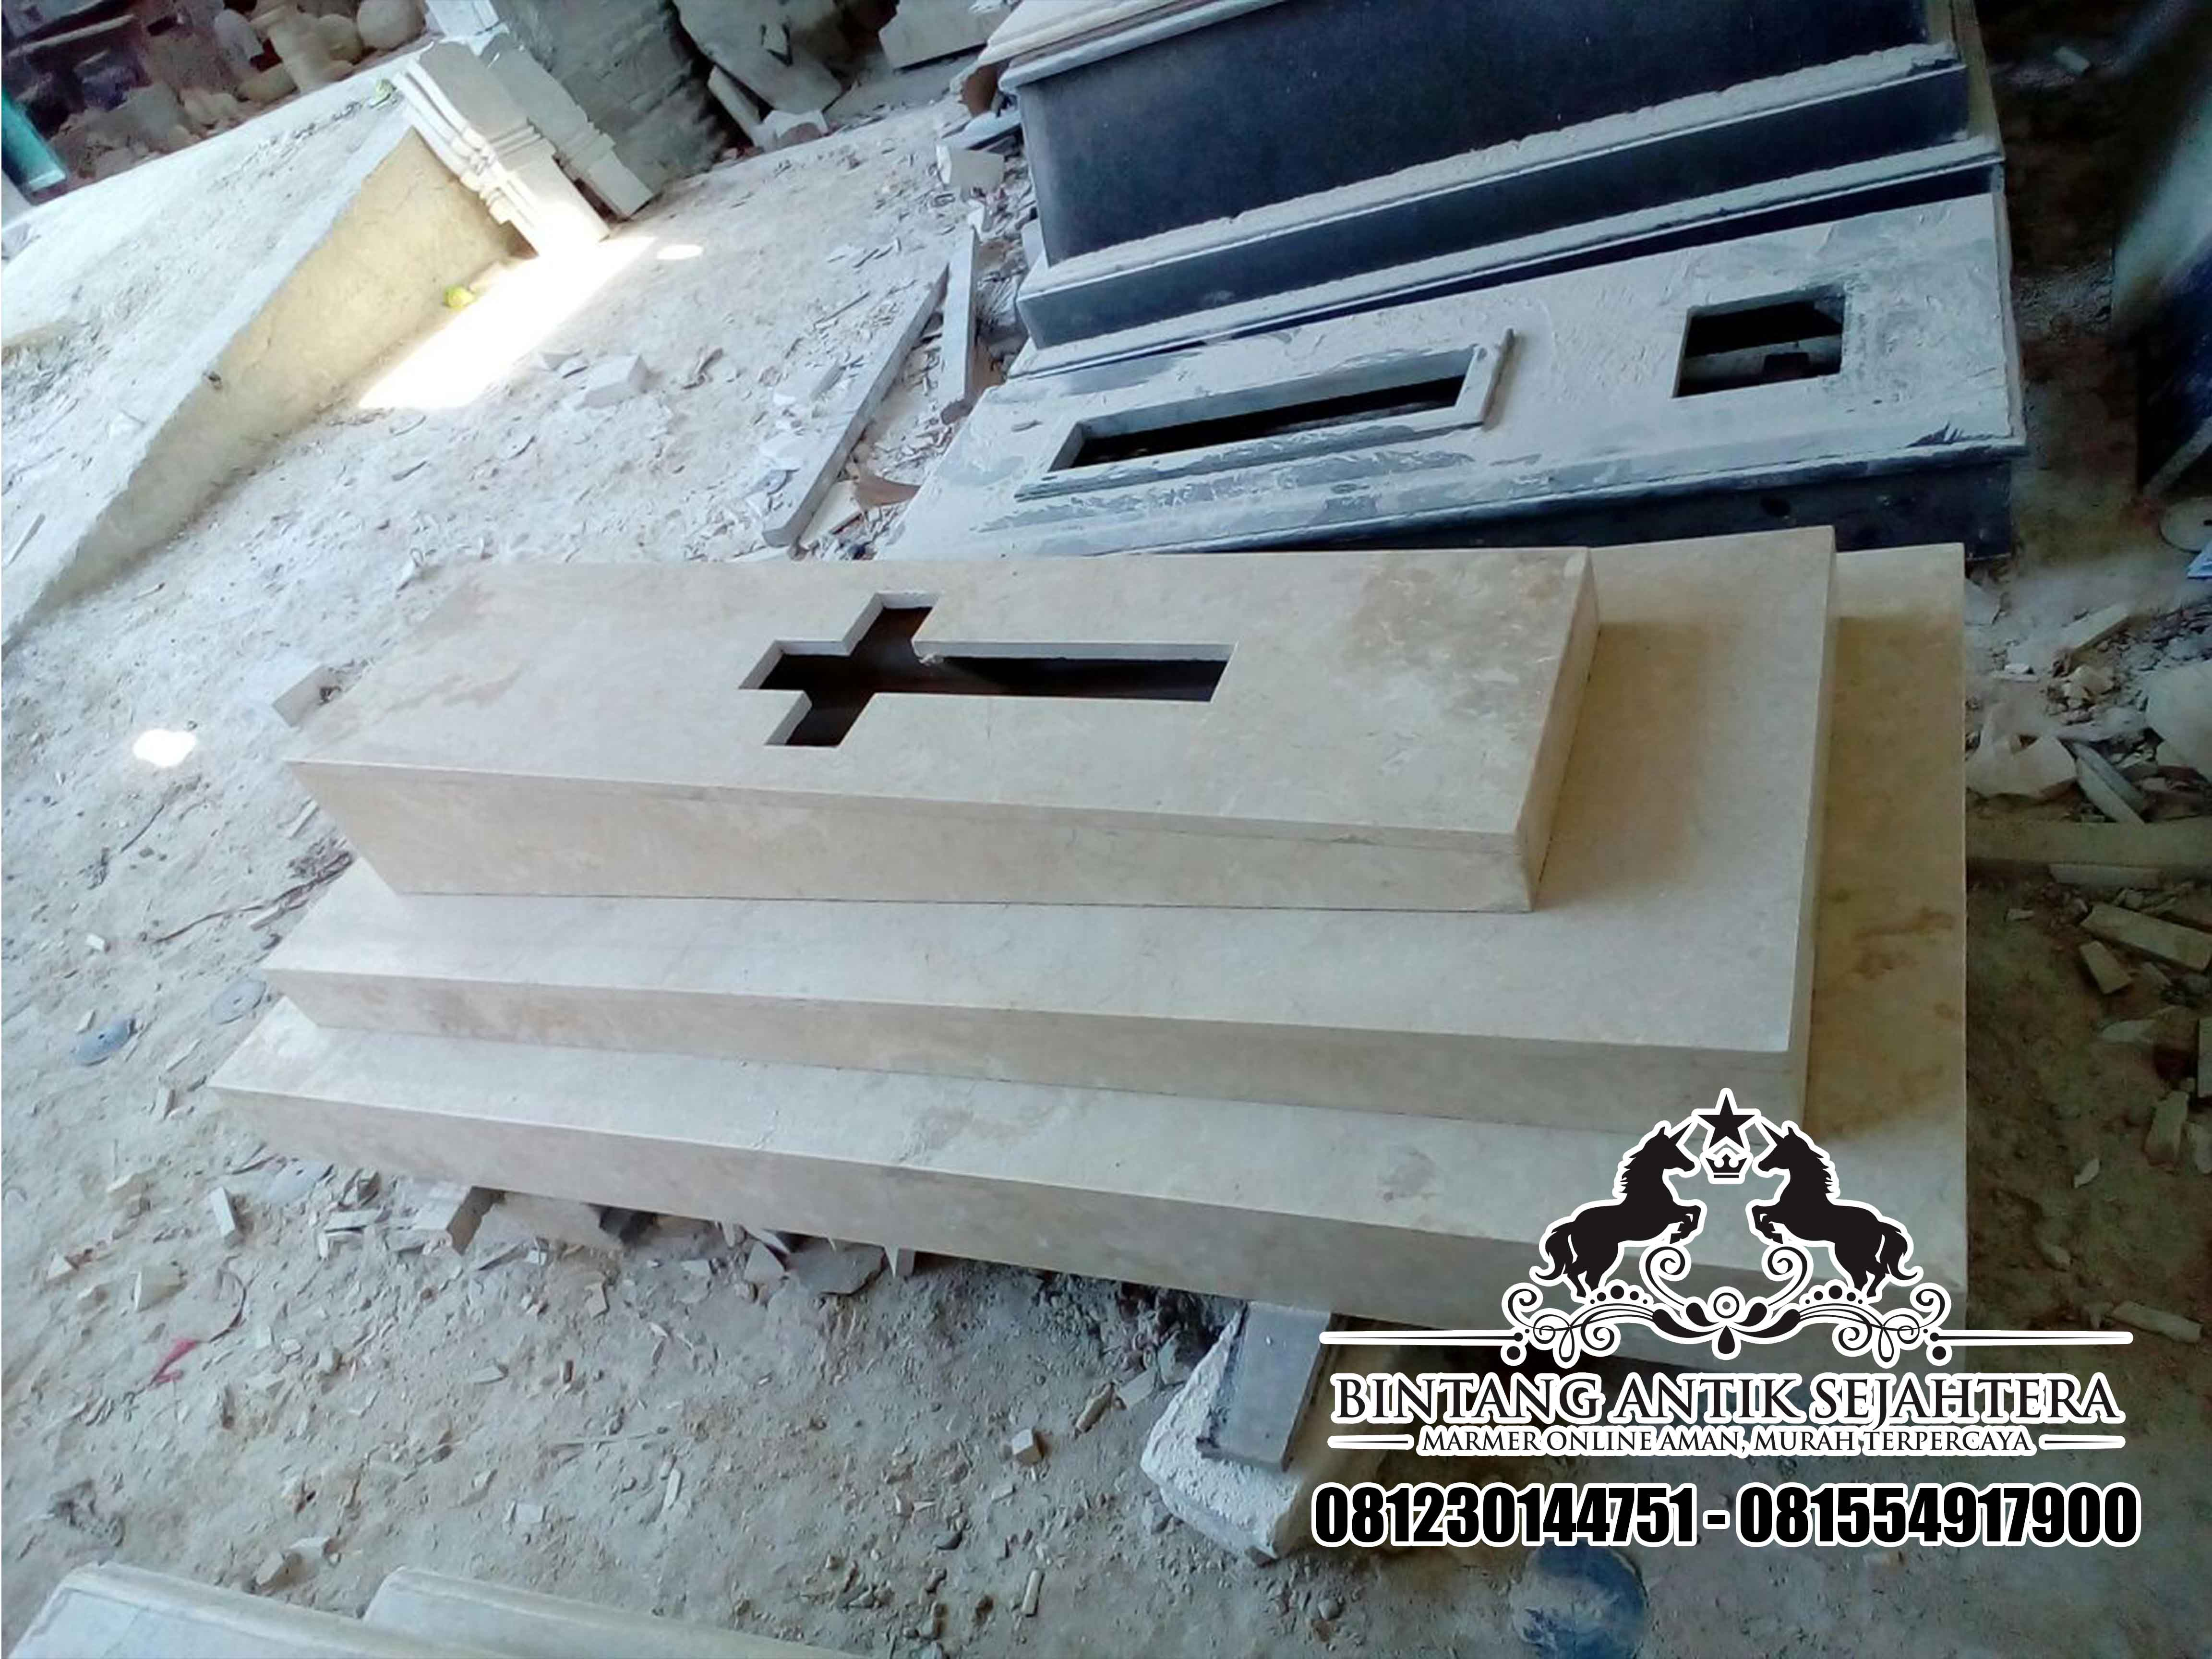 Makam Kristen Minimalis , Makam Model Kristiani, Makam Marmer